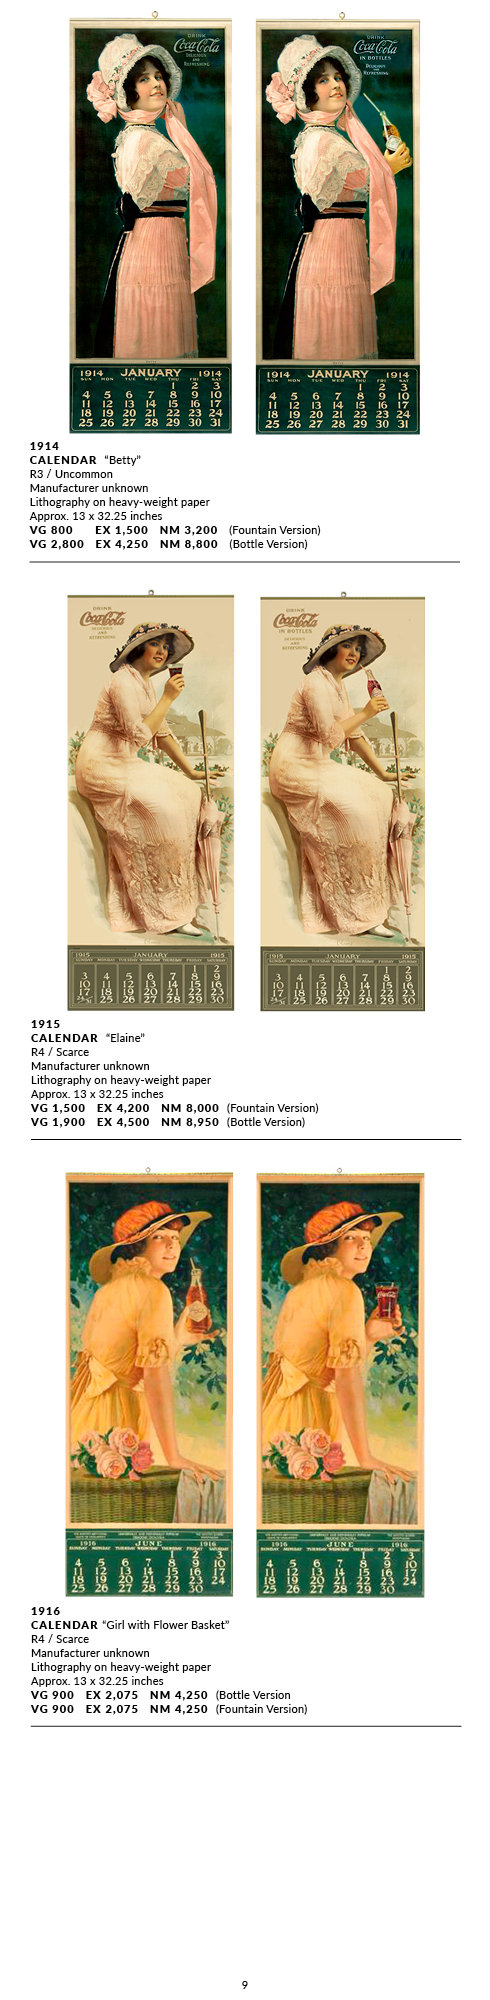 Calendars_1890-1929_(1921)9.jpg